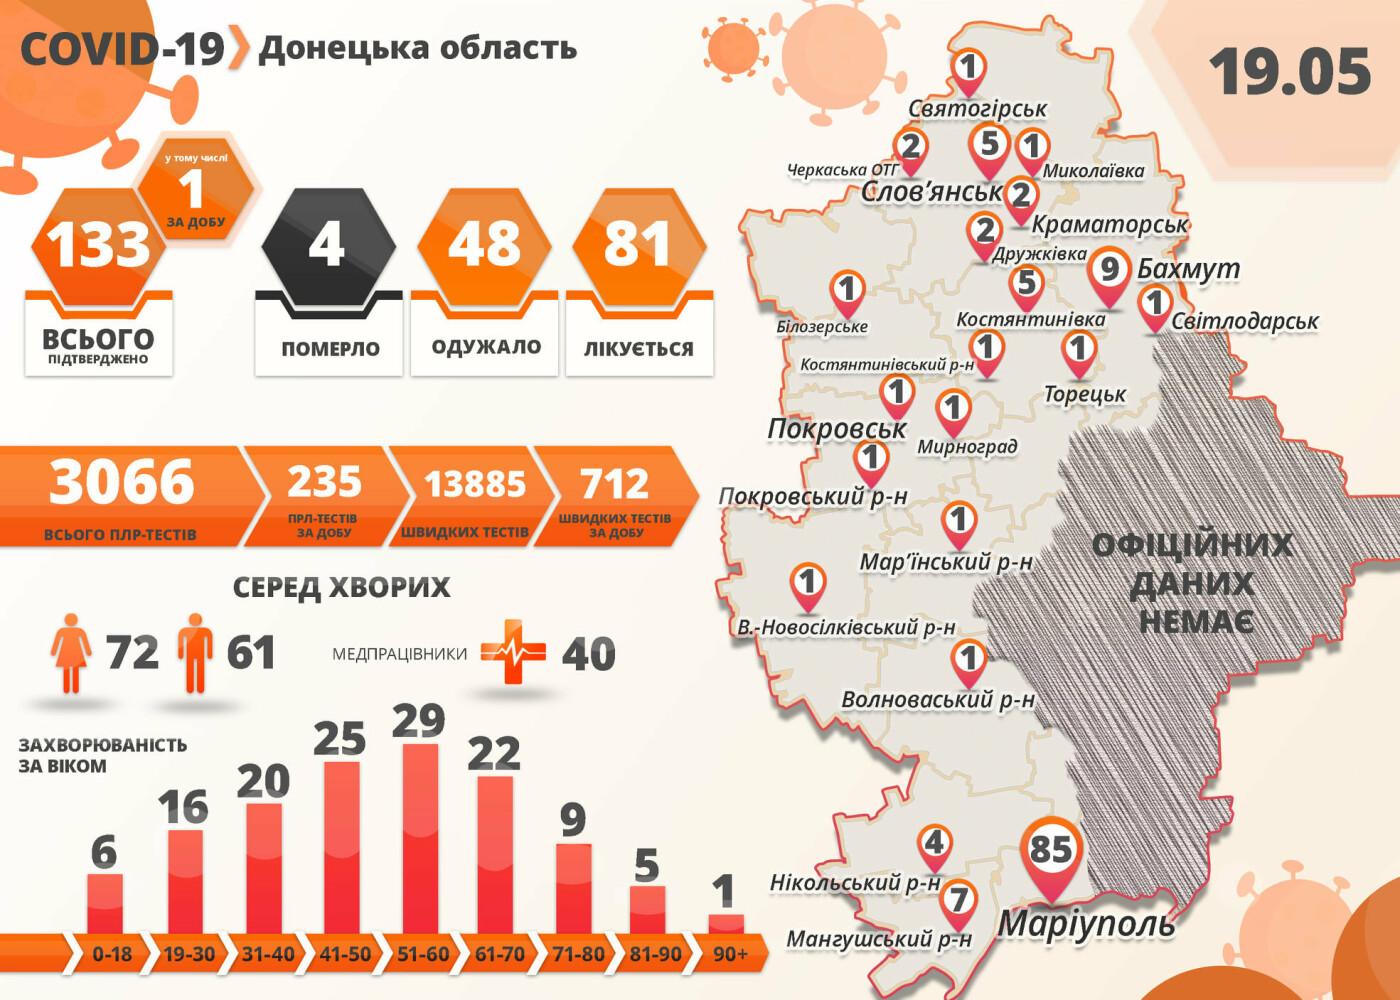 В Донецкой области количество инфицированных коронавирусом выросло до 133, фото-1